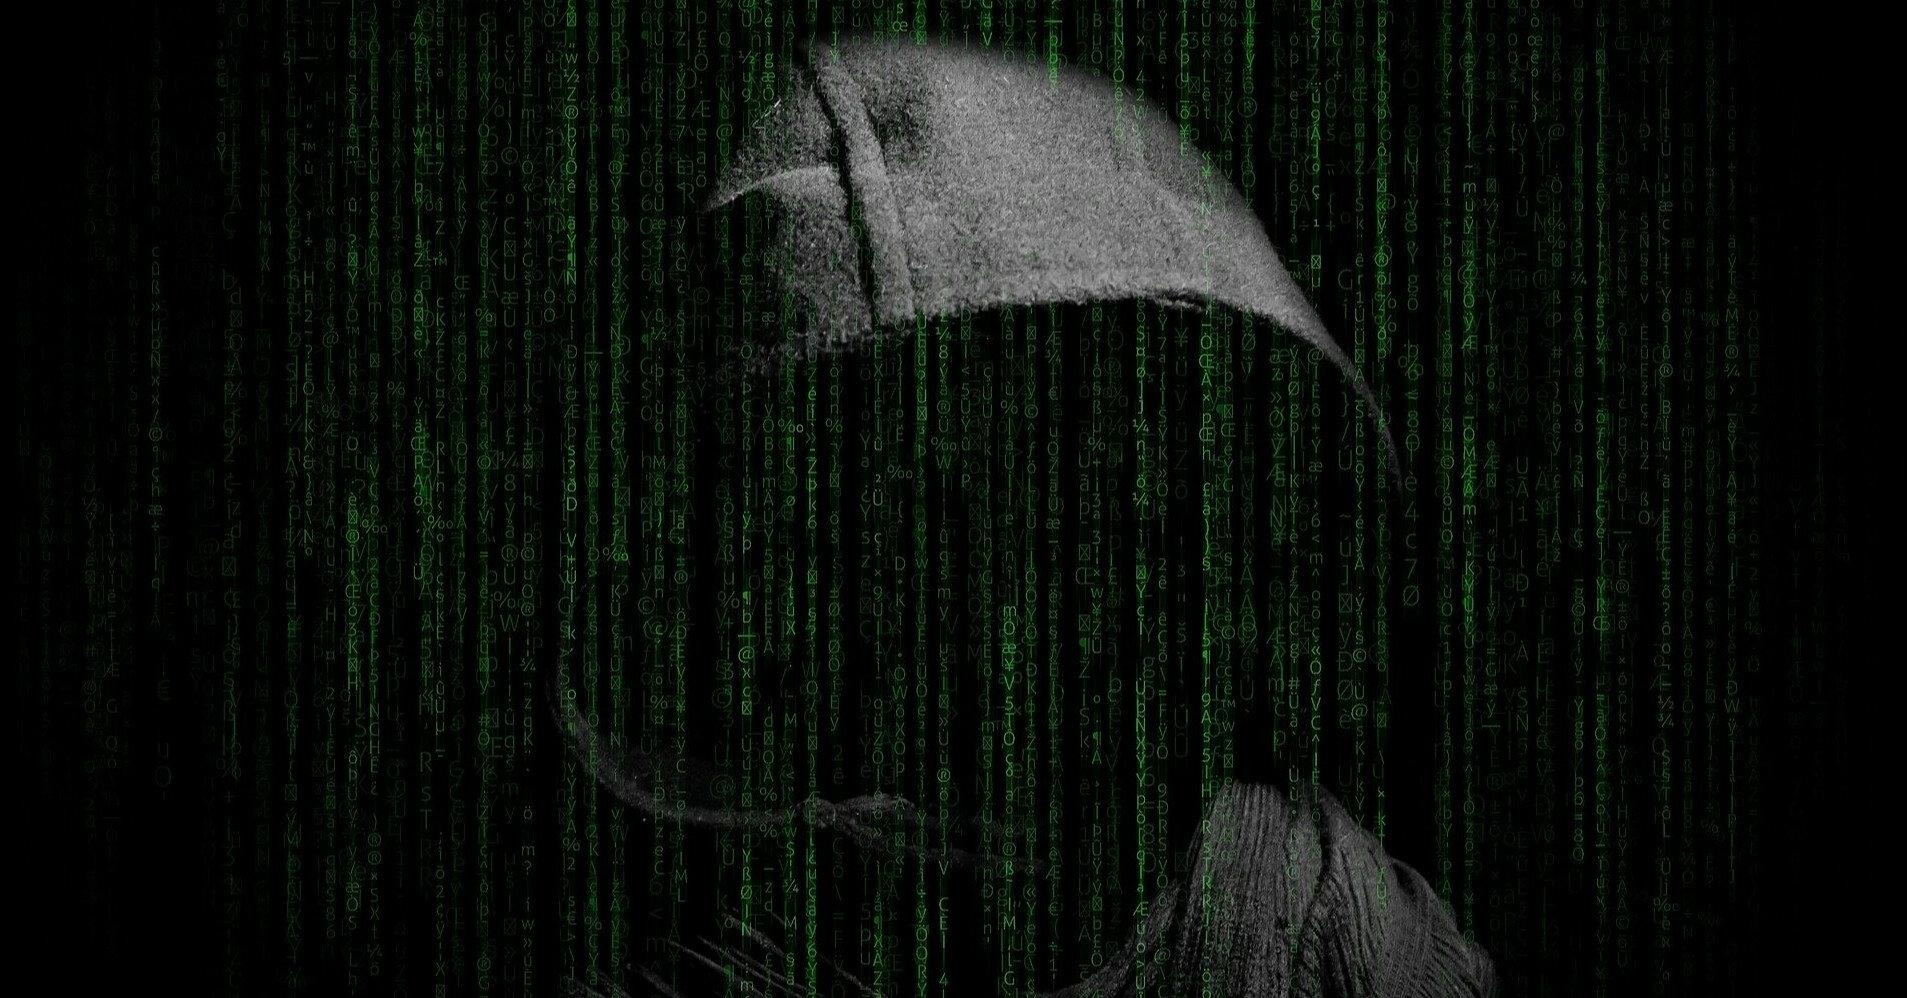 Хакеры парализовали работу крупной сети супермаркетов Швеции